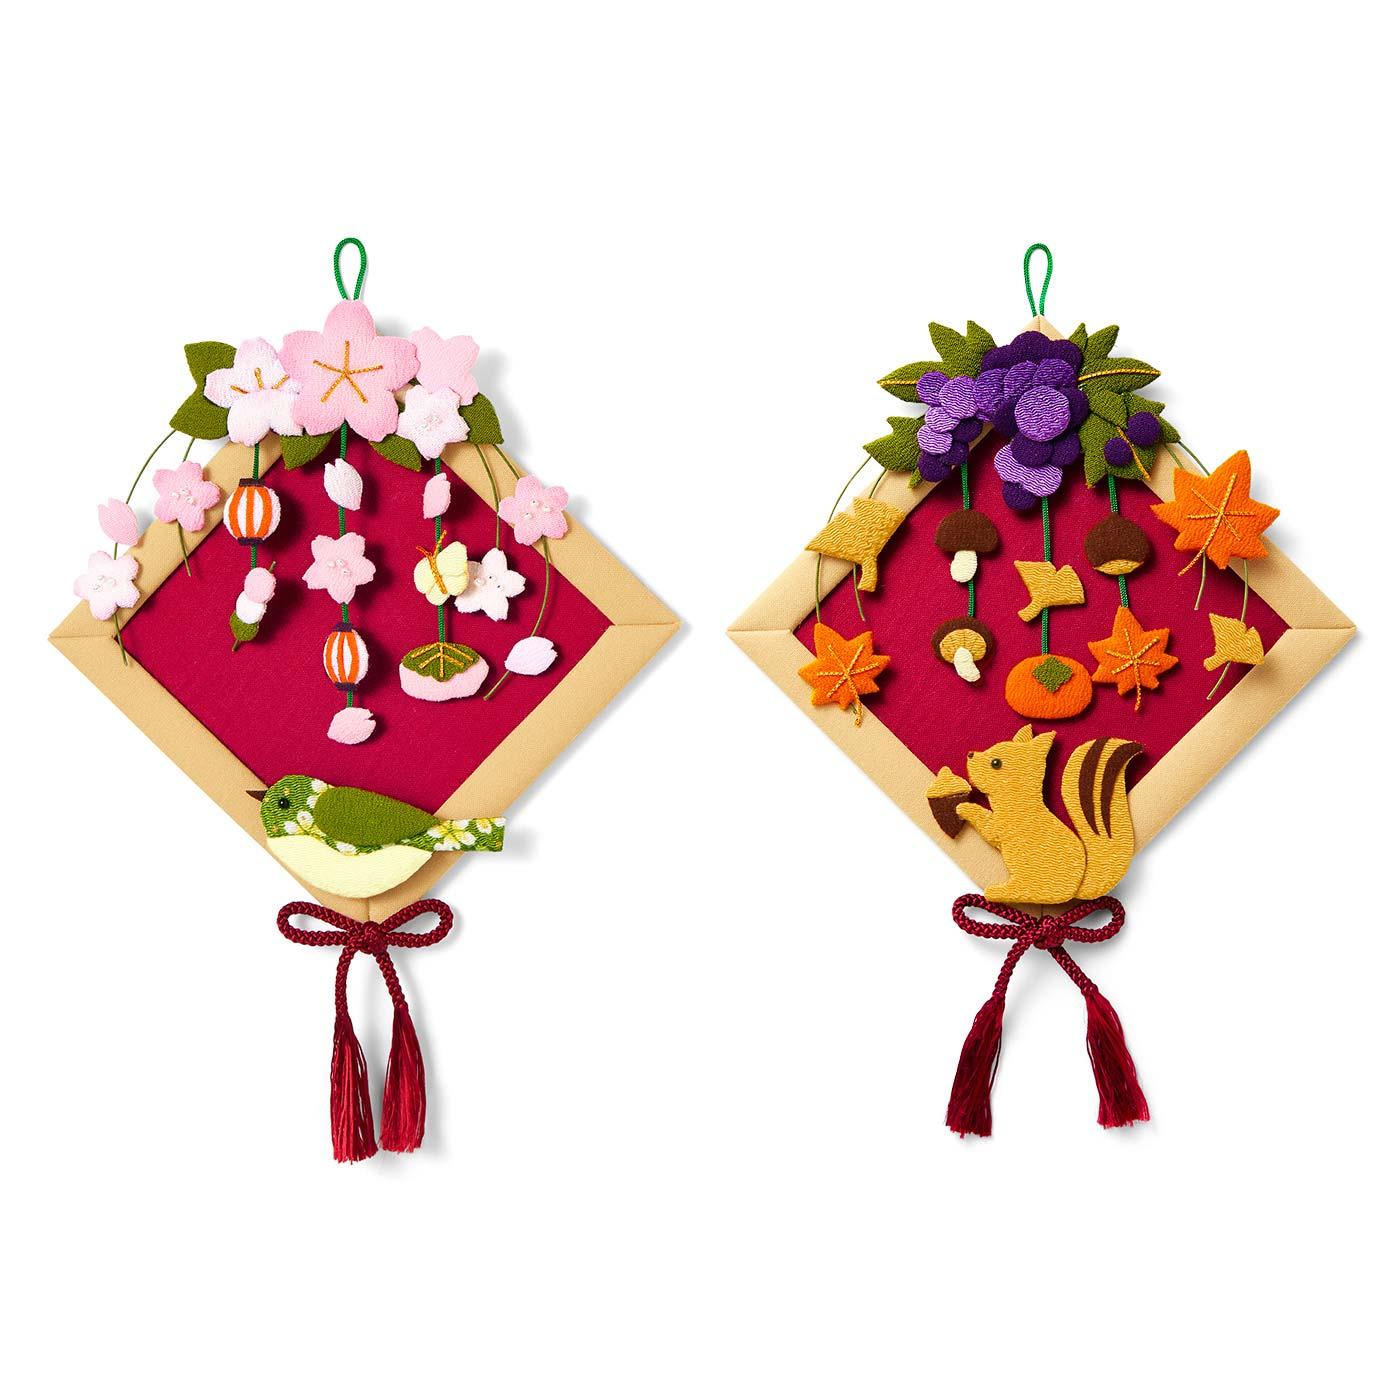 お花見と秋の実り 土台はひとつ、モチーフは2シーズン分作れます。